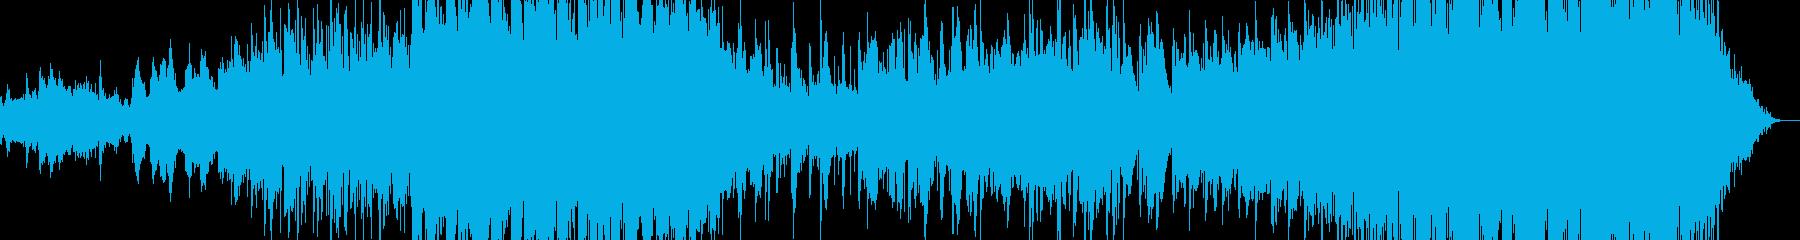 紅葉をイメージした曲の再生済みの波形